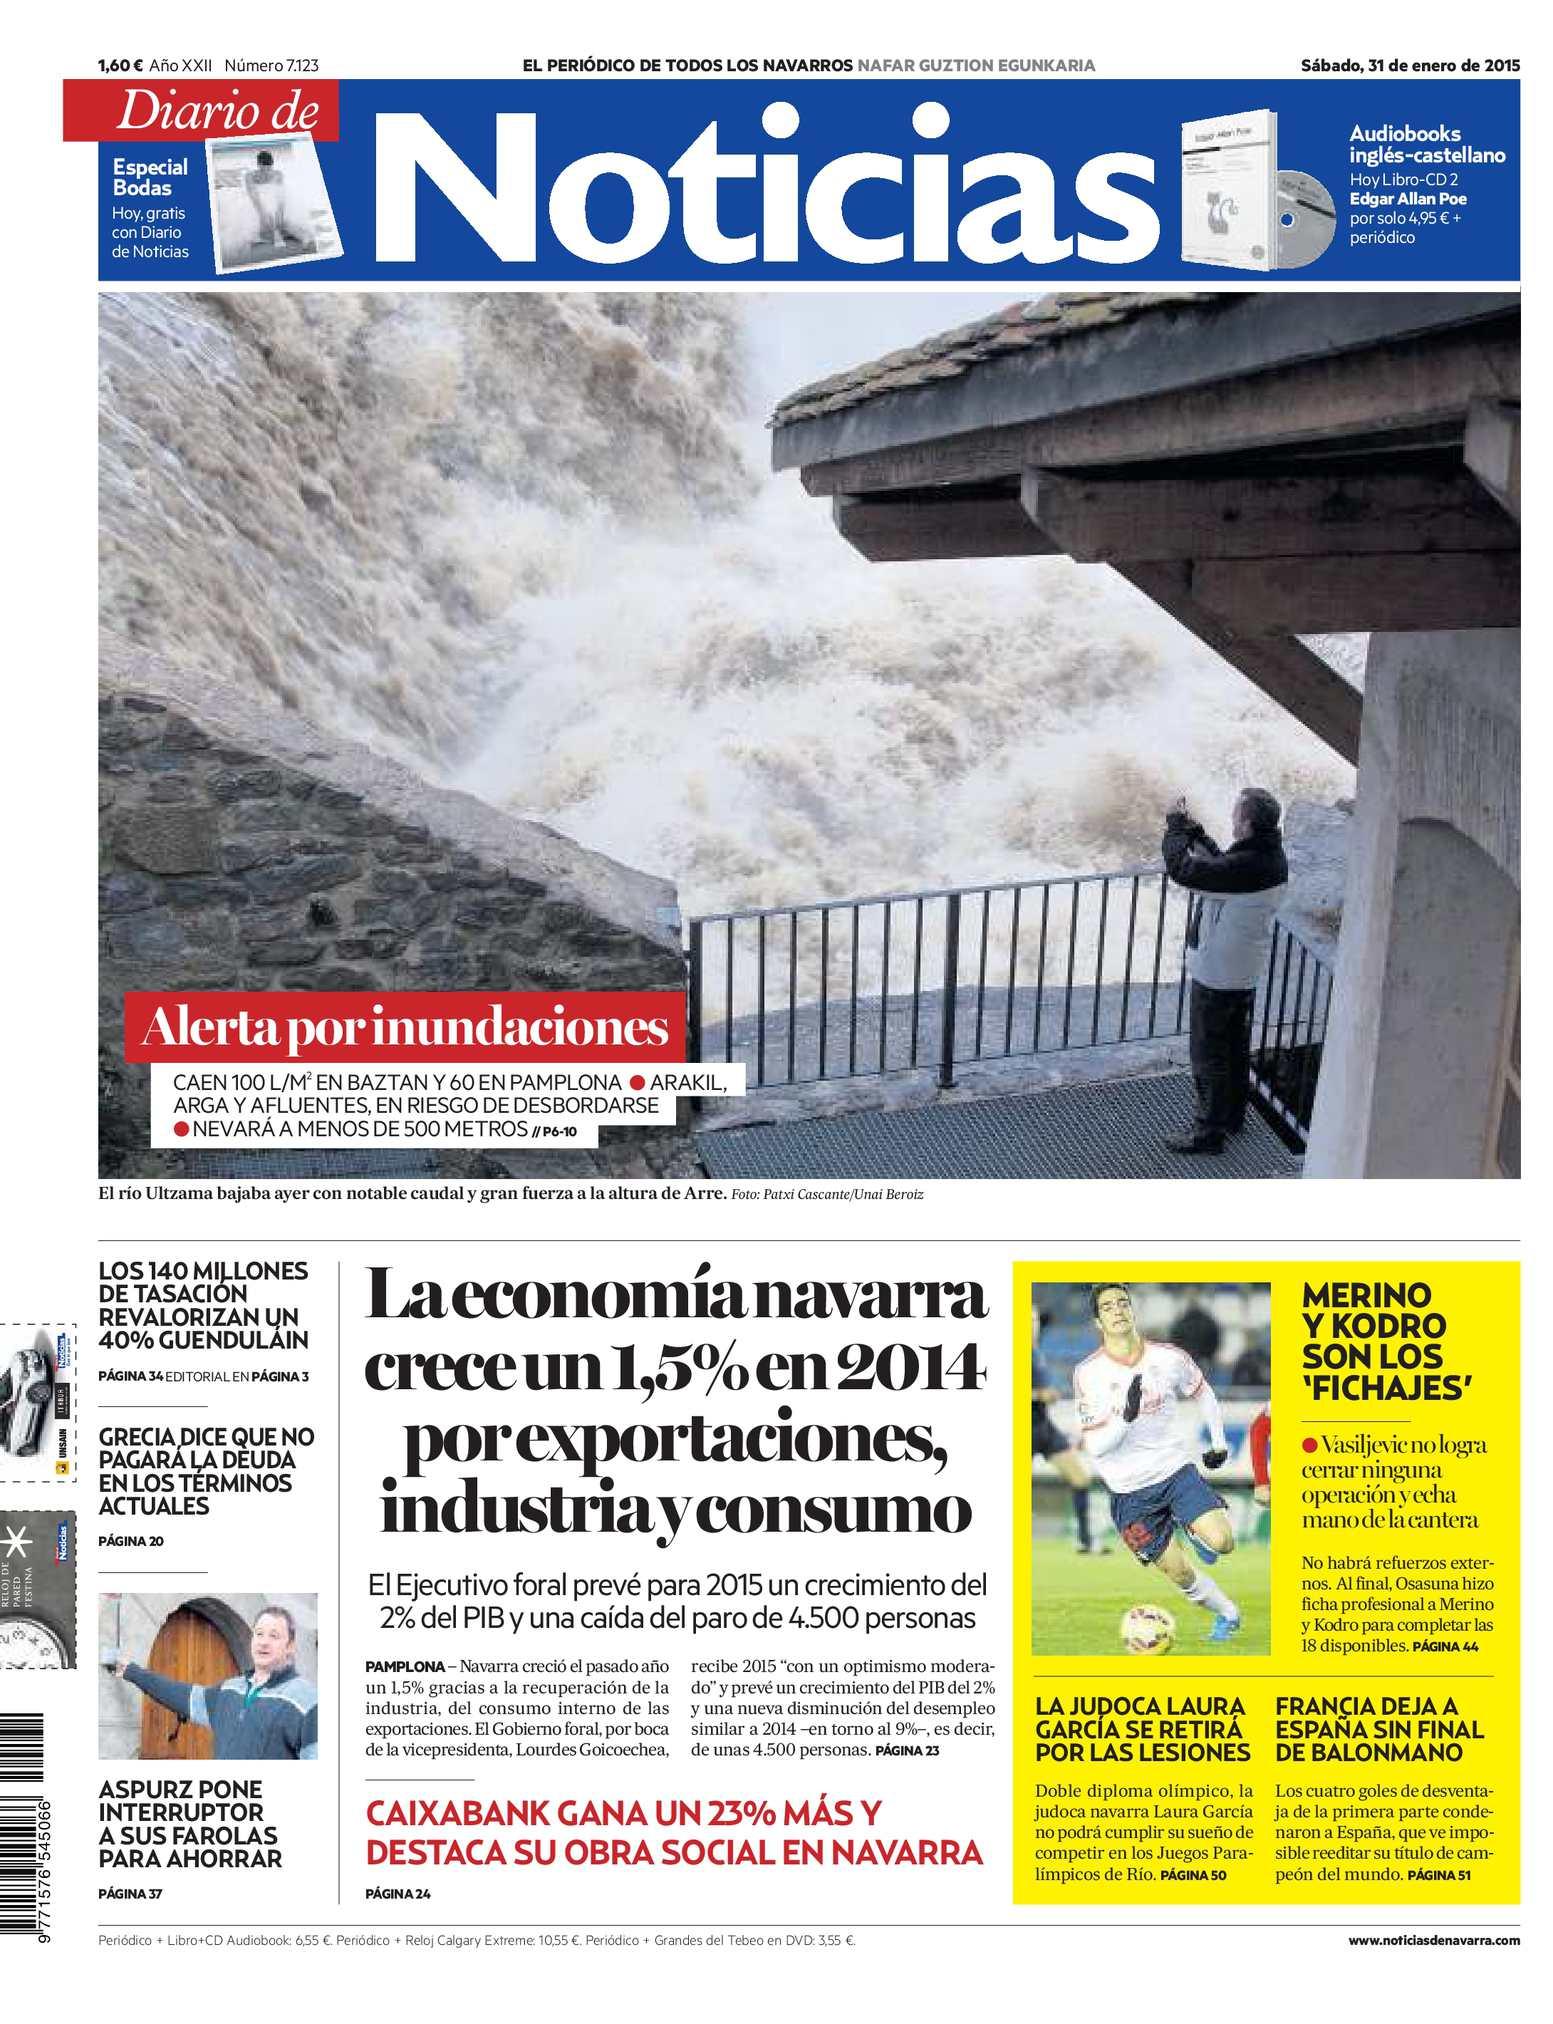 92b5dfc15 Calaméo - Diario de Noticias 20150131